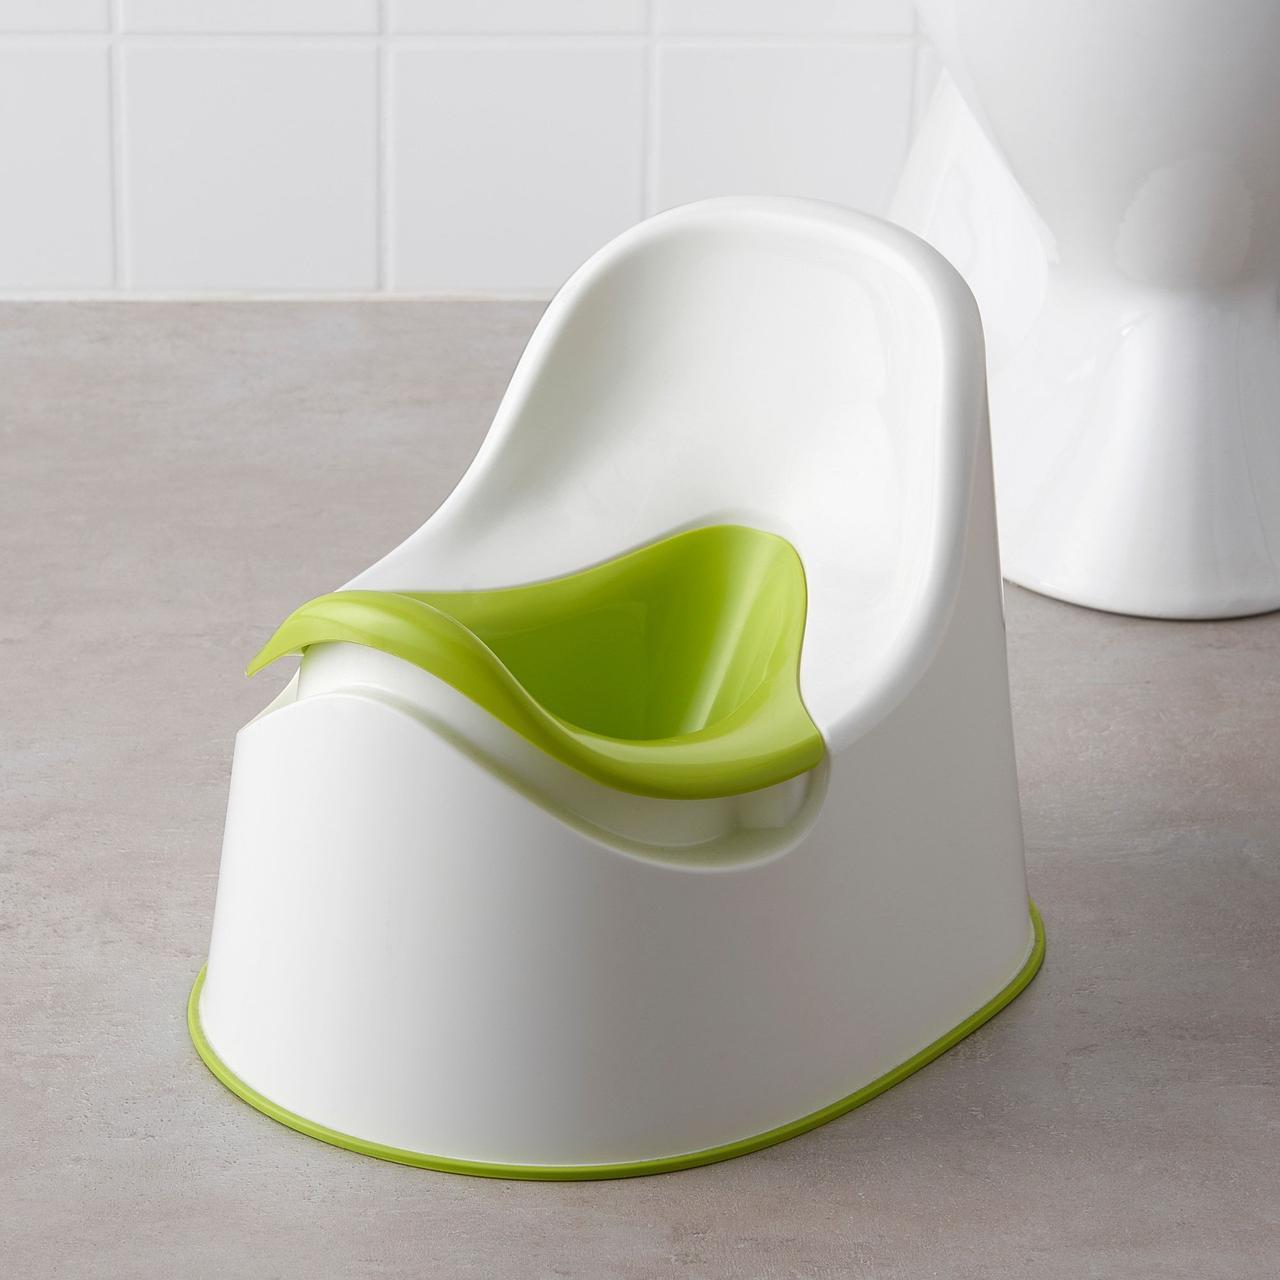 Горшок детский IKEA LOCKIG зеленый белый 601.931.28